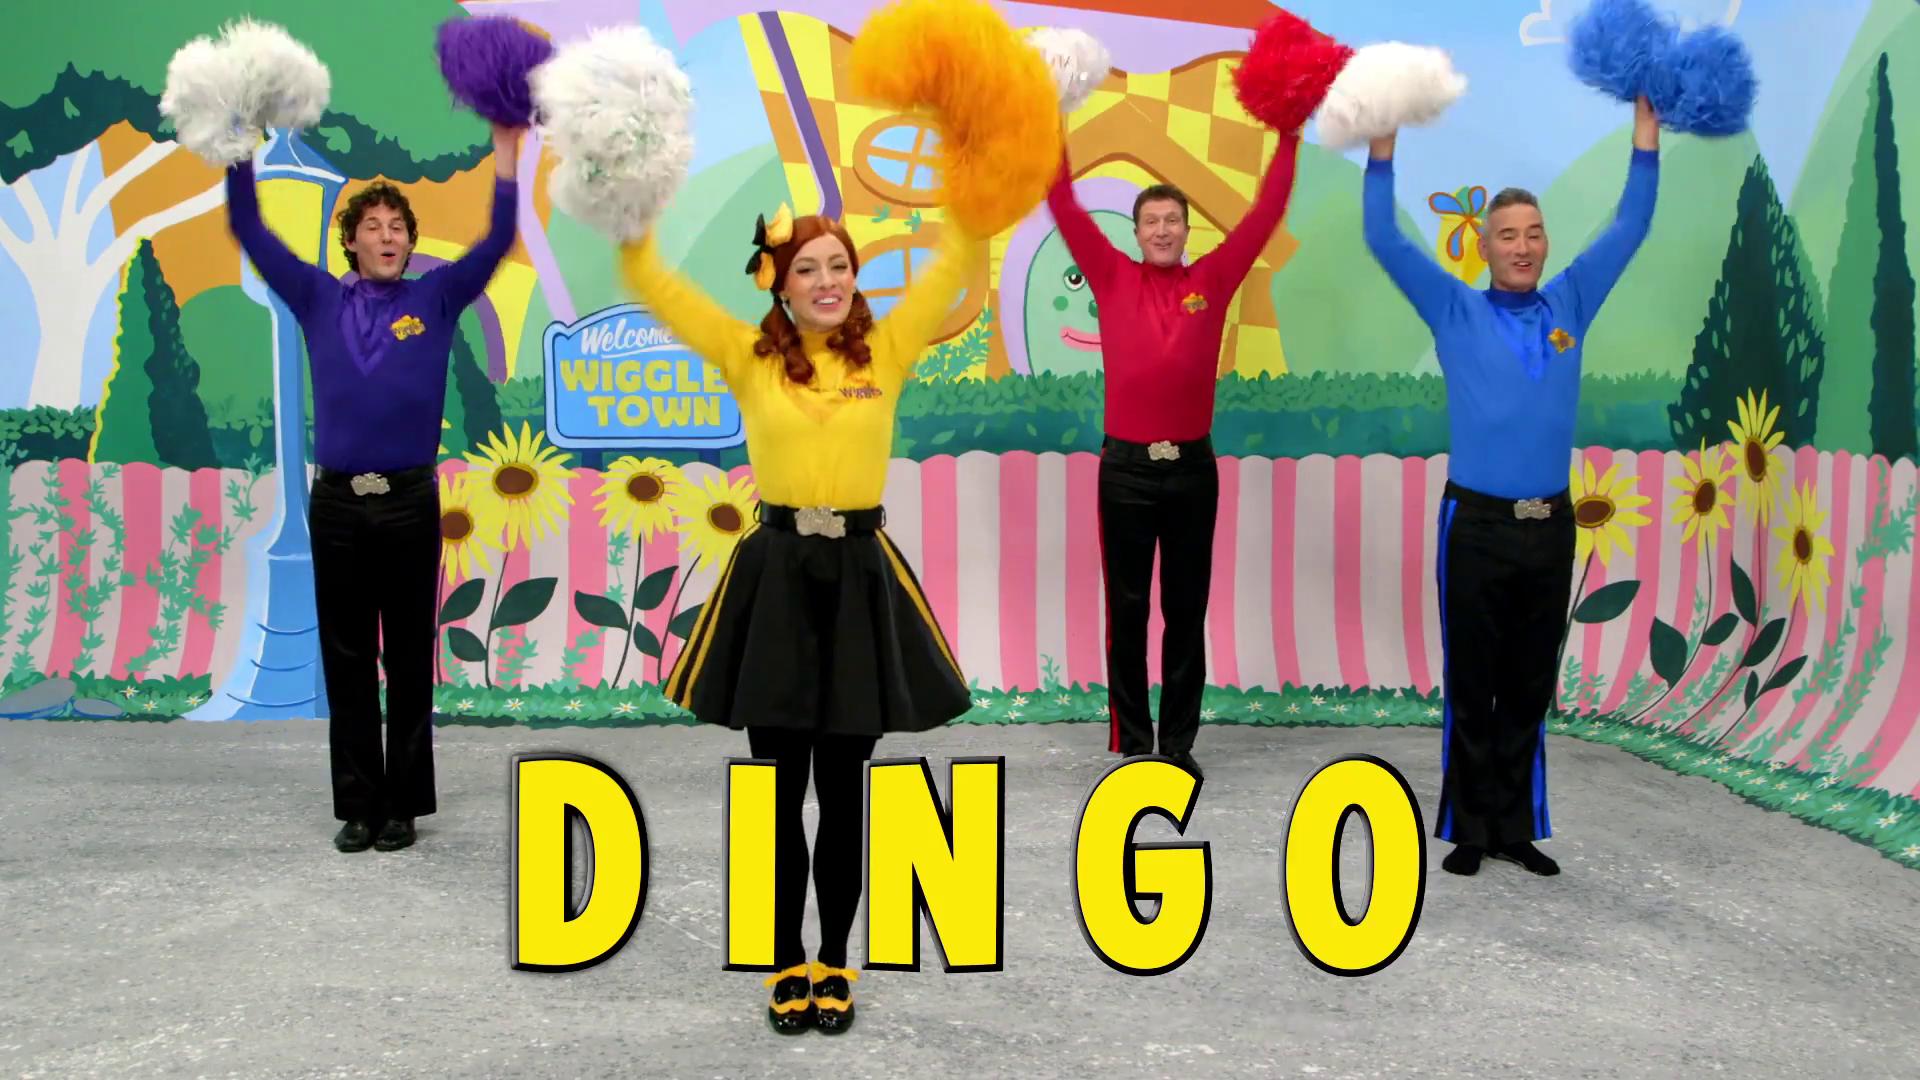 D-I-N-G-O